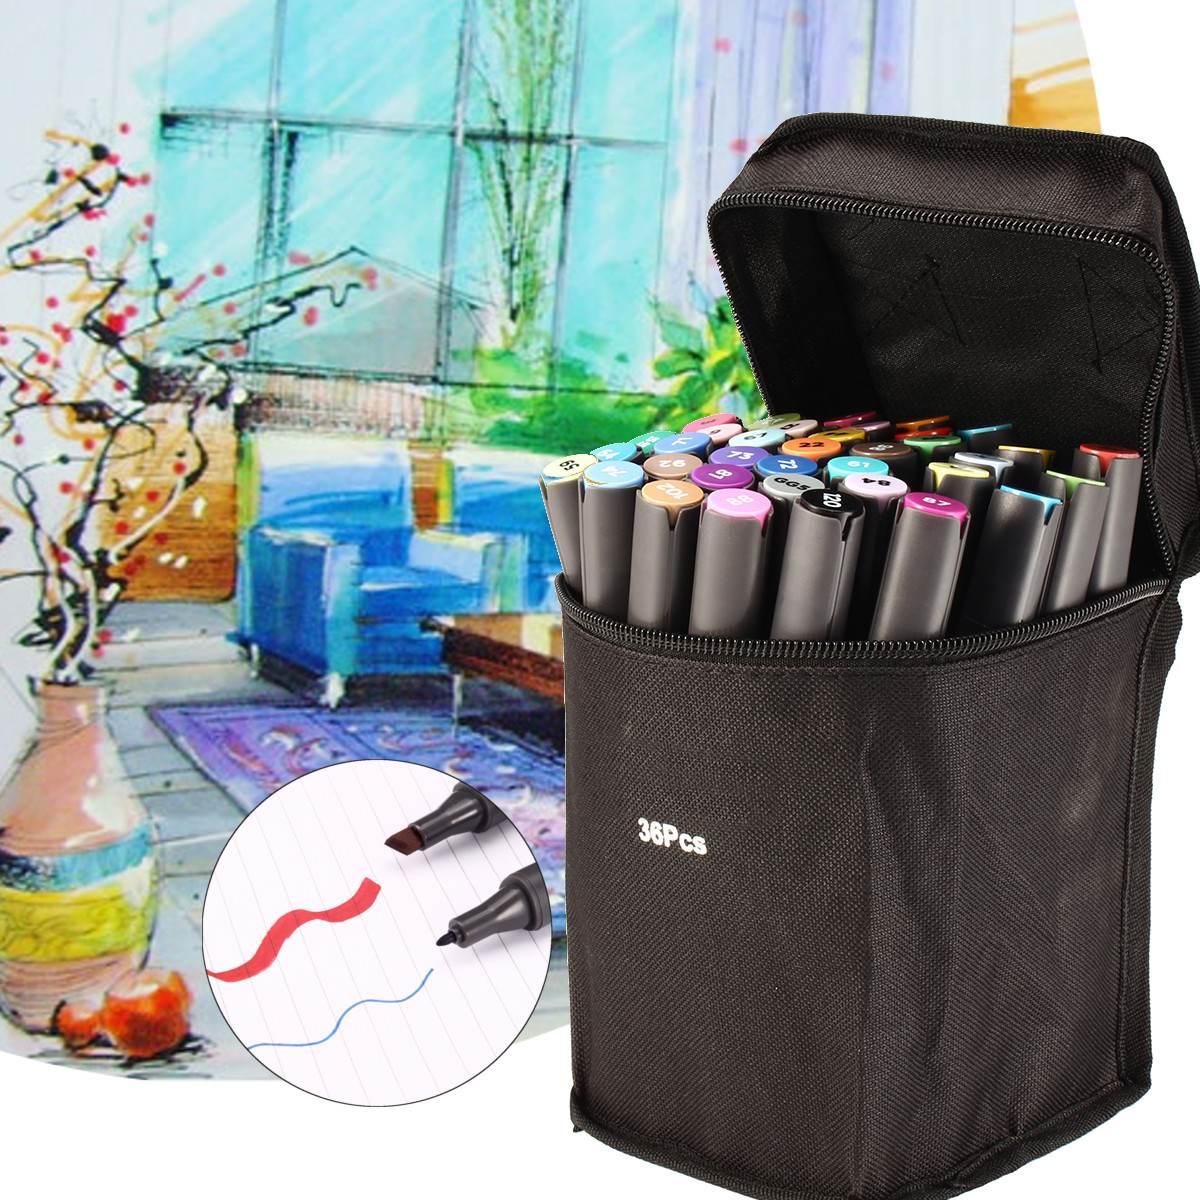 Rotulador de Arte de doble punta con base de Alcohol en 36 colores, pincel de doble cabeza con bolsa